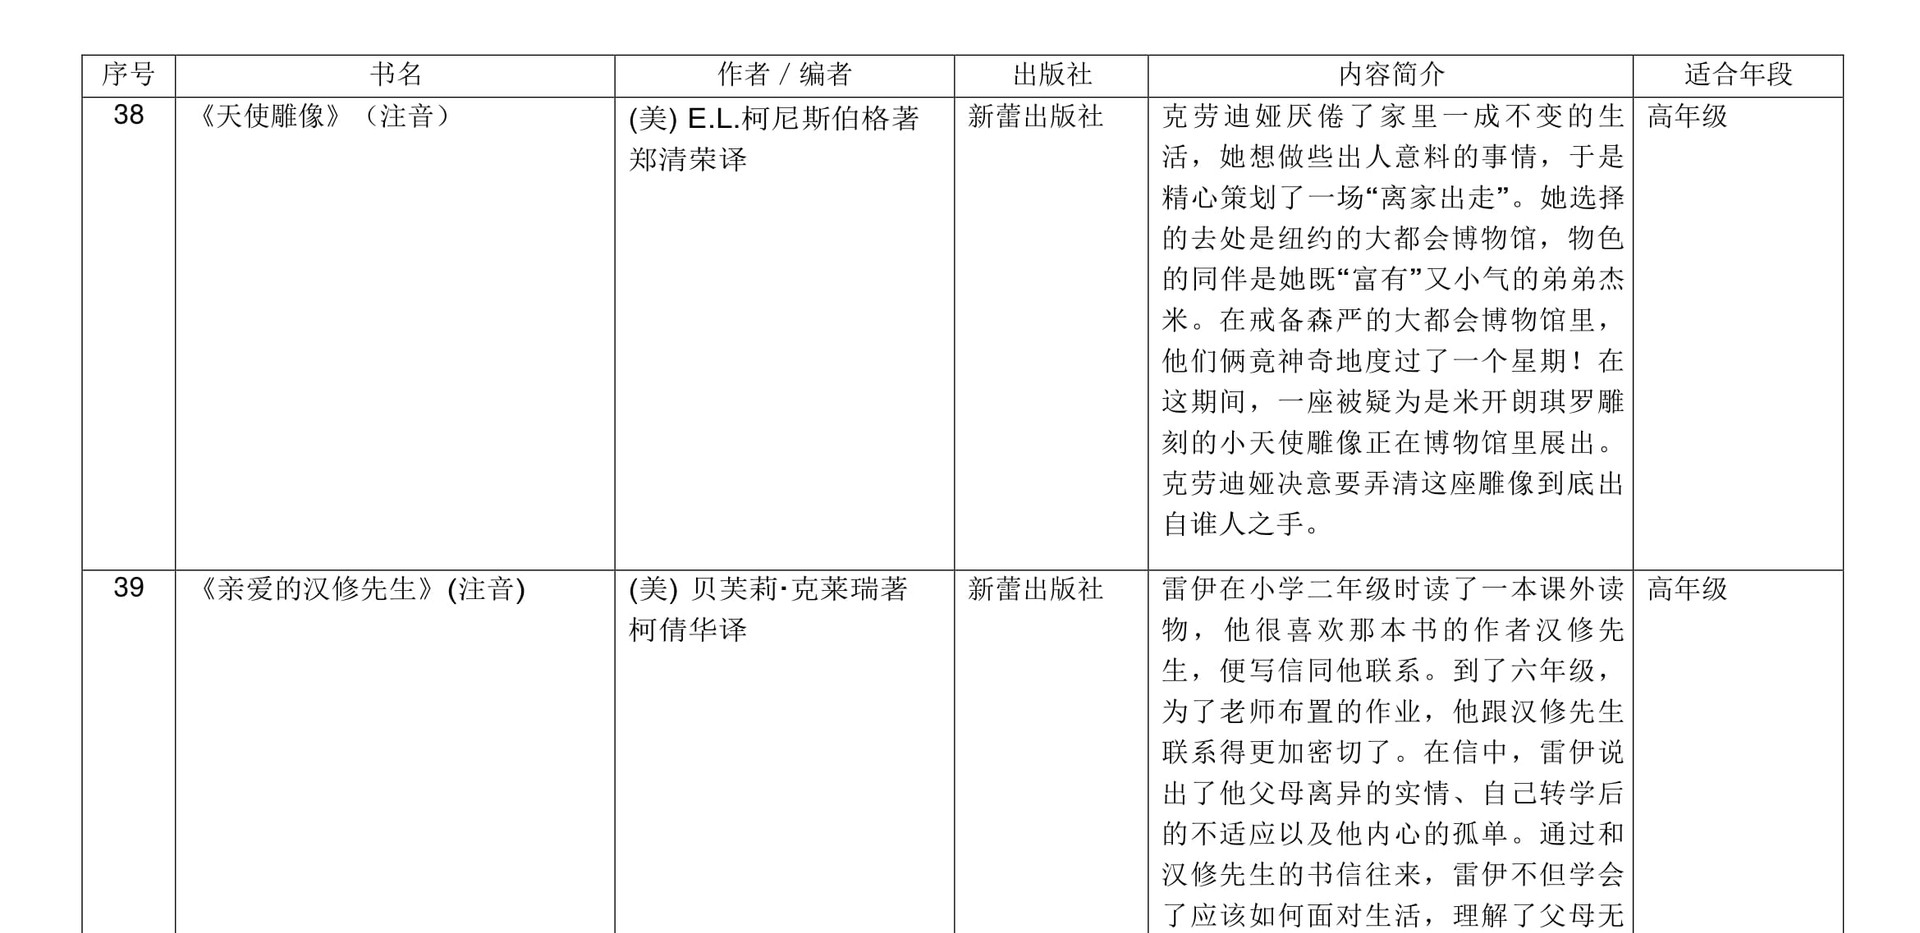 小学华文课外读物参考书目14.jpg